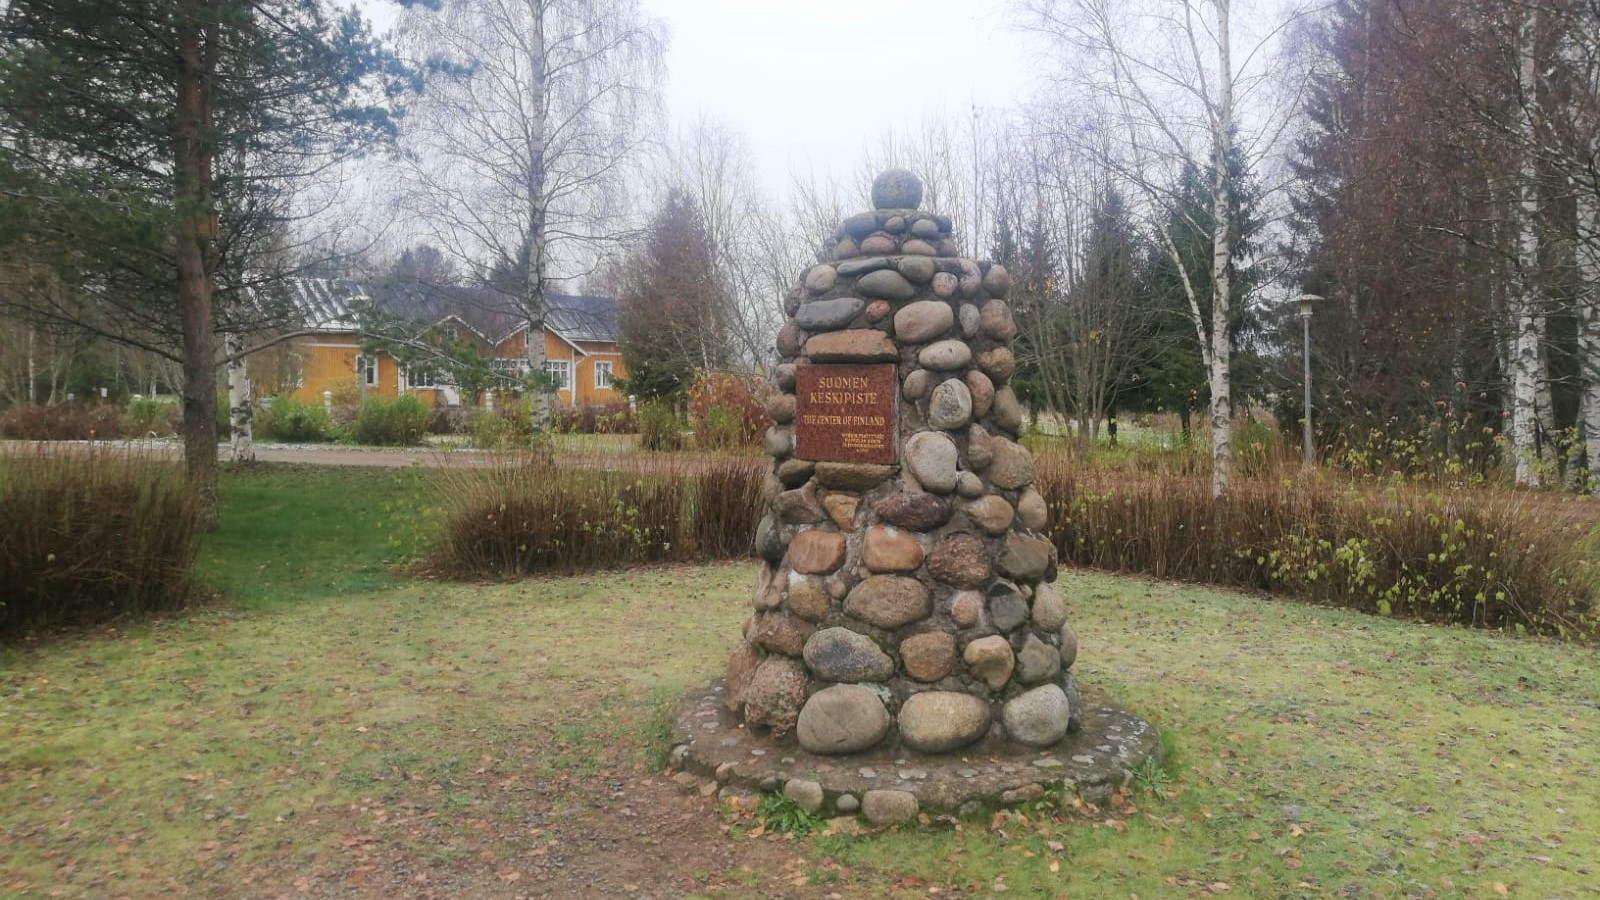 The center of Finland in Piippola in Siikalatva